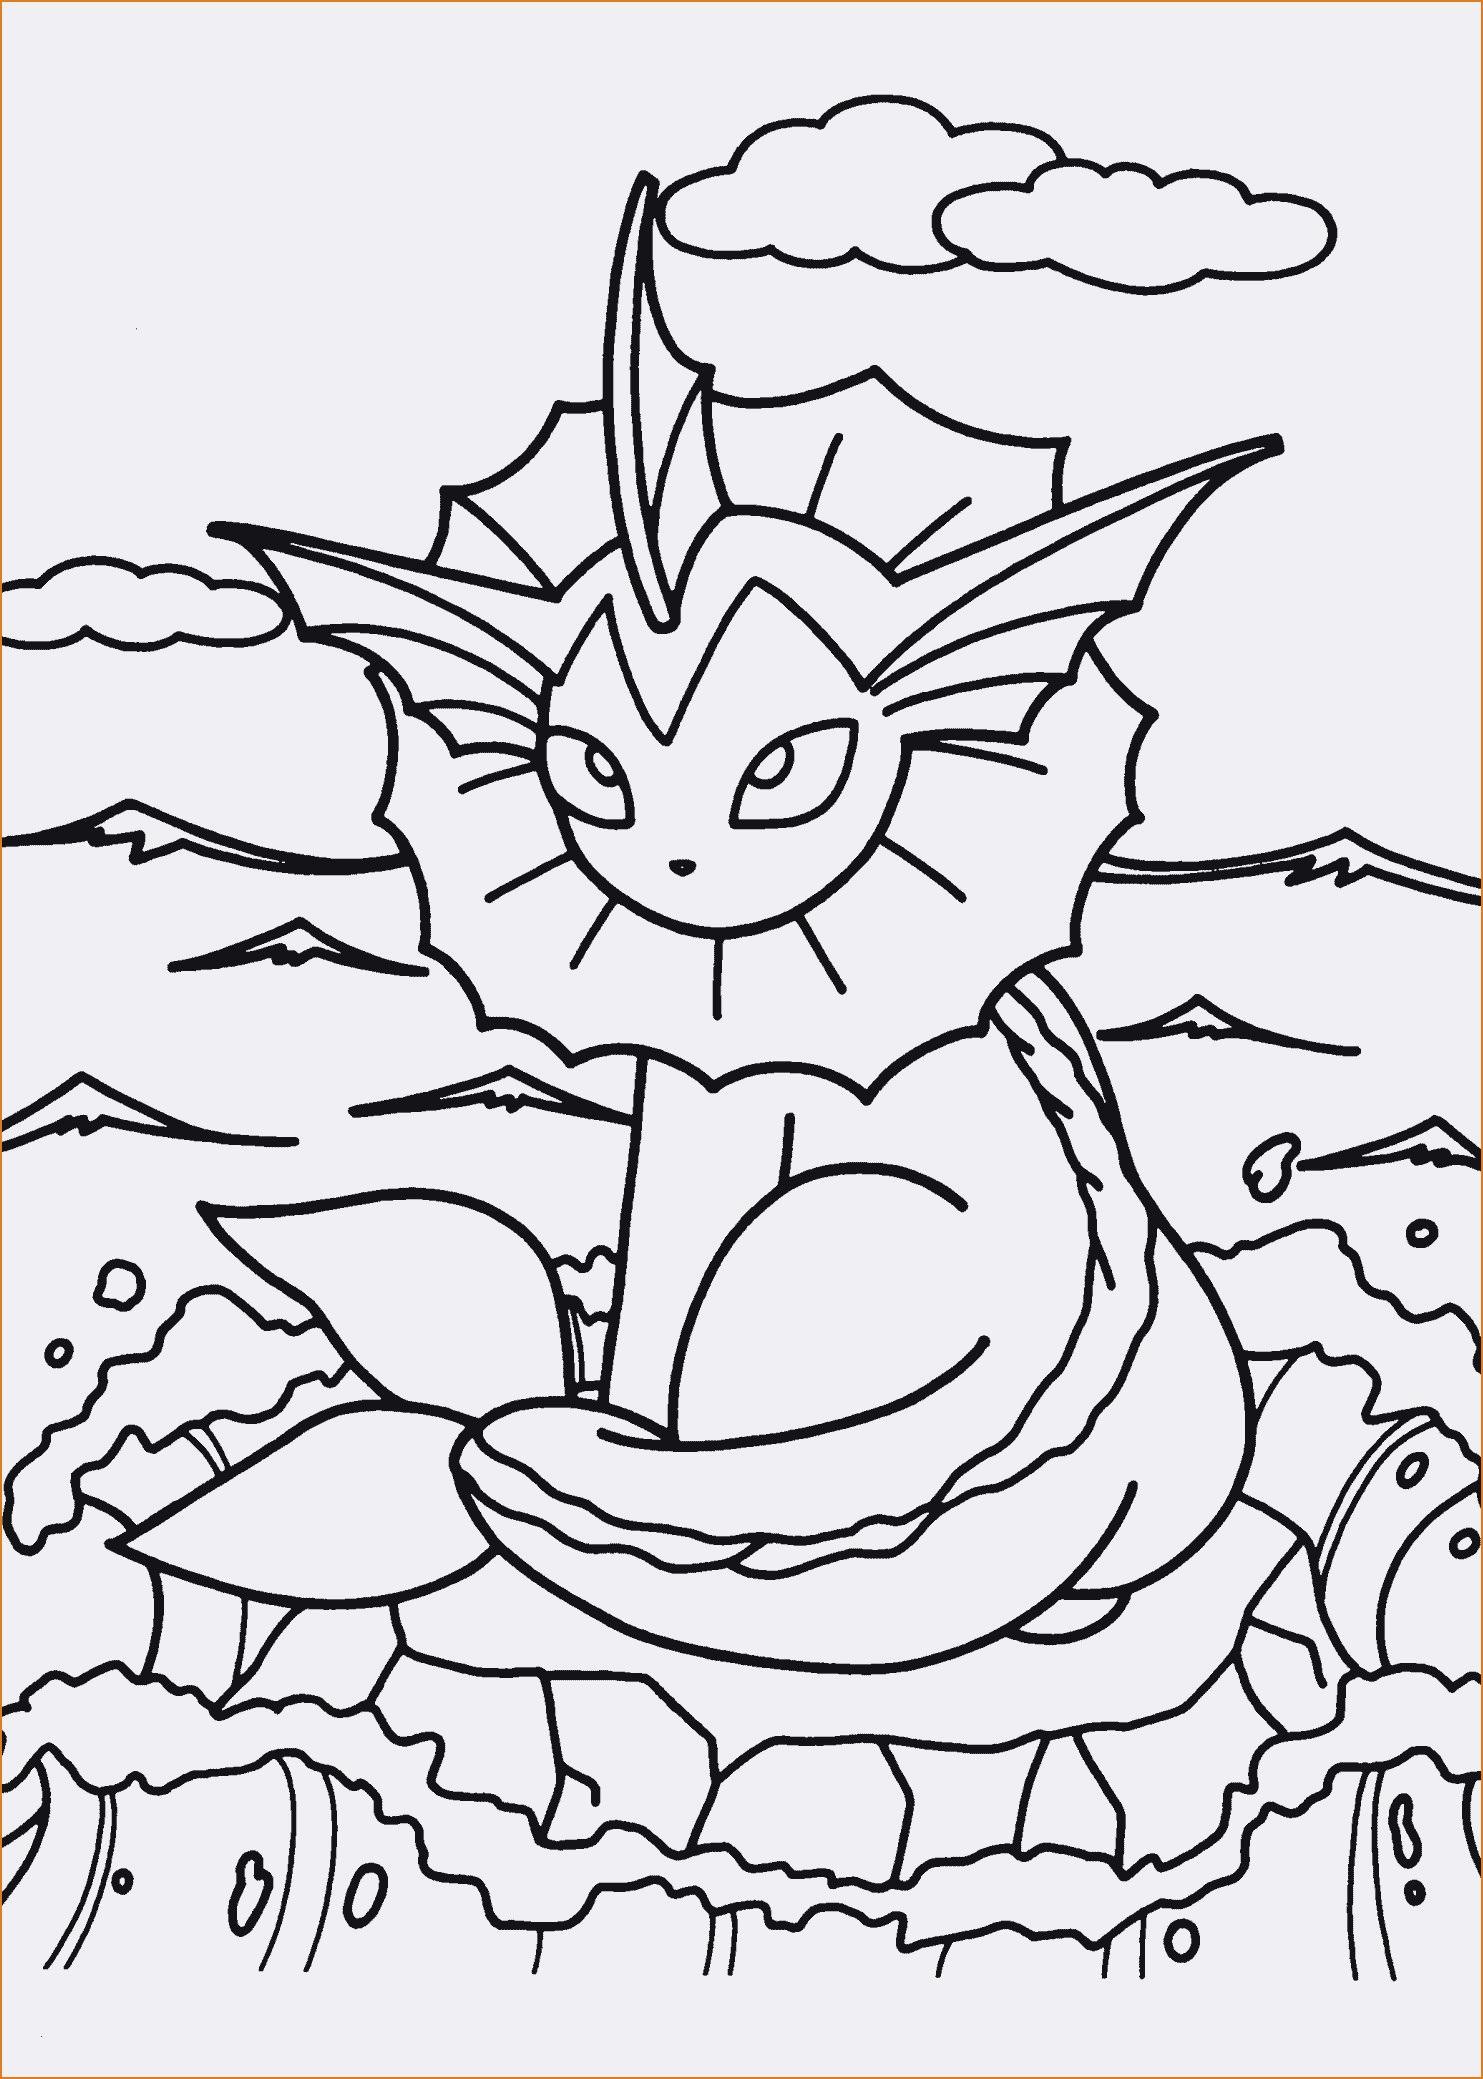 Pokemon Bilder Zum Ausdrucken In Farbe Genial Ausmalbilder Minecraft Schwert Best Image Result for Pokemon Schön Fotografieren